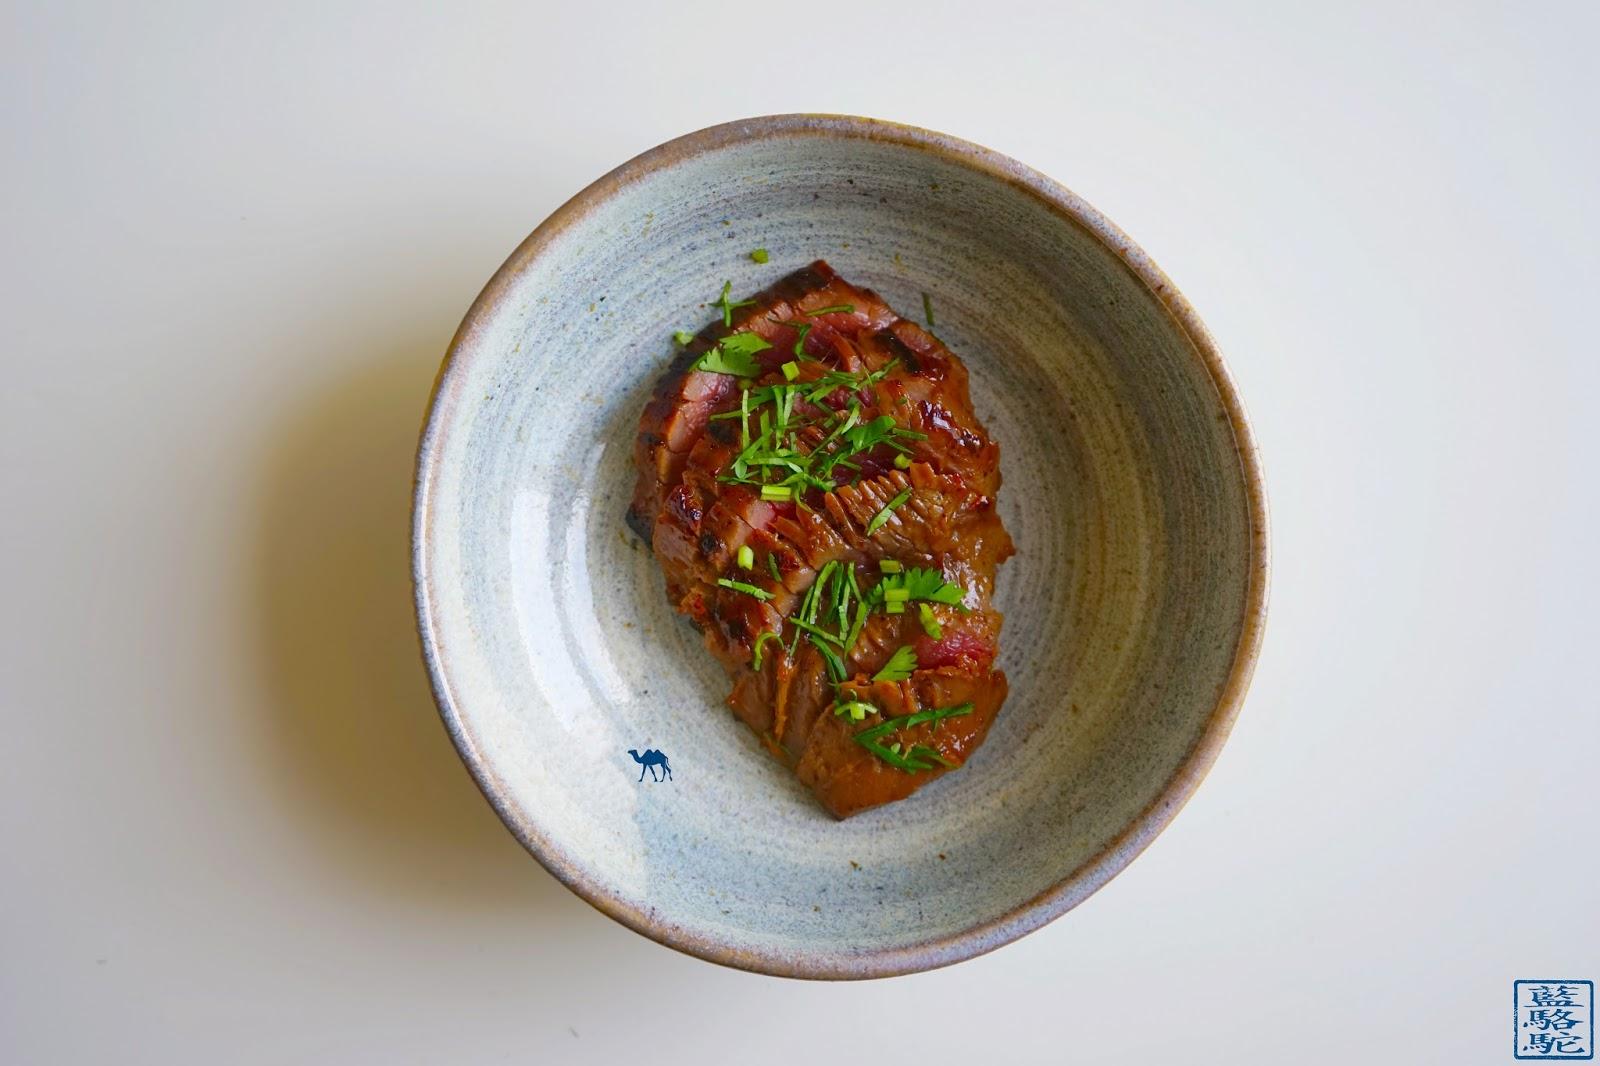 Le Chameau Bleu - Blog Cuisine et Voyage -Recette asiatique - Tigre qui pleure et Rhubarbe